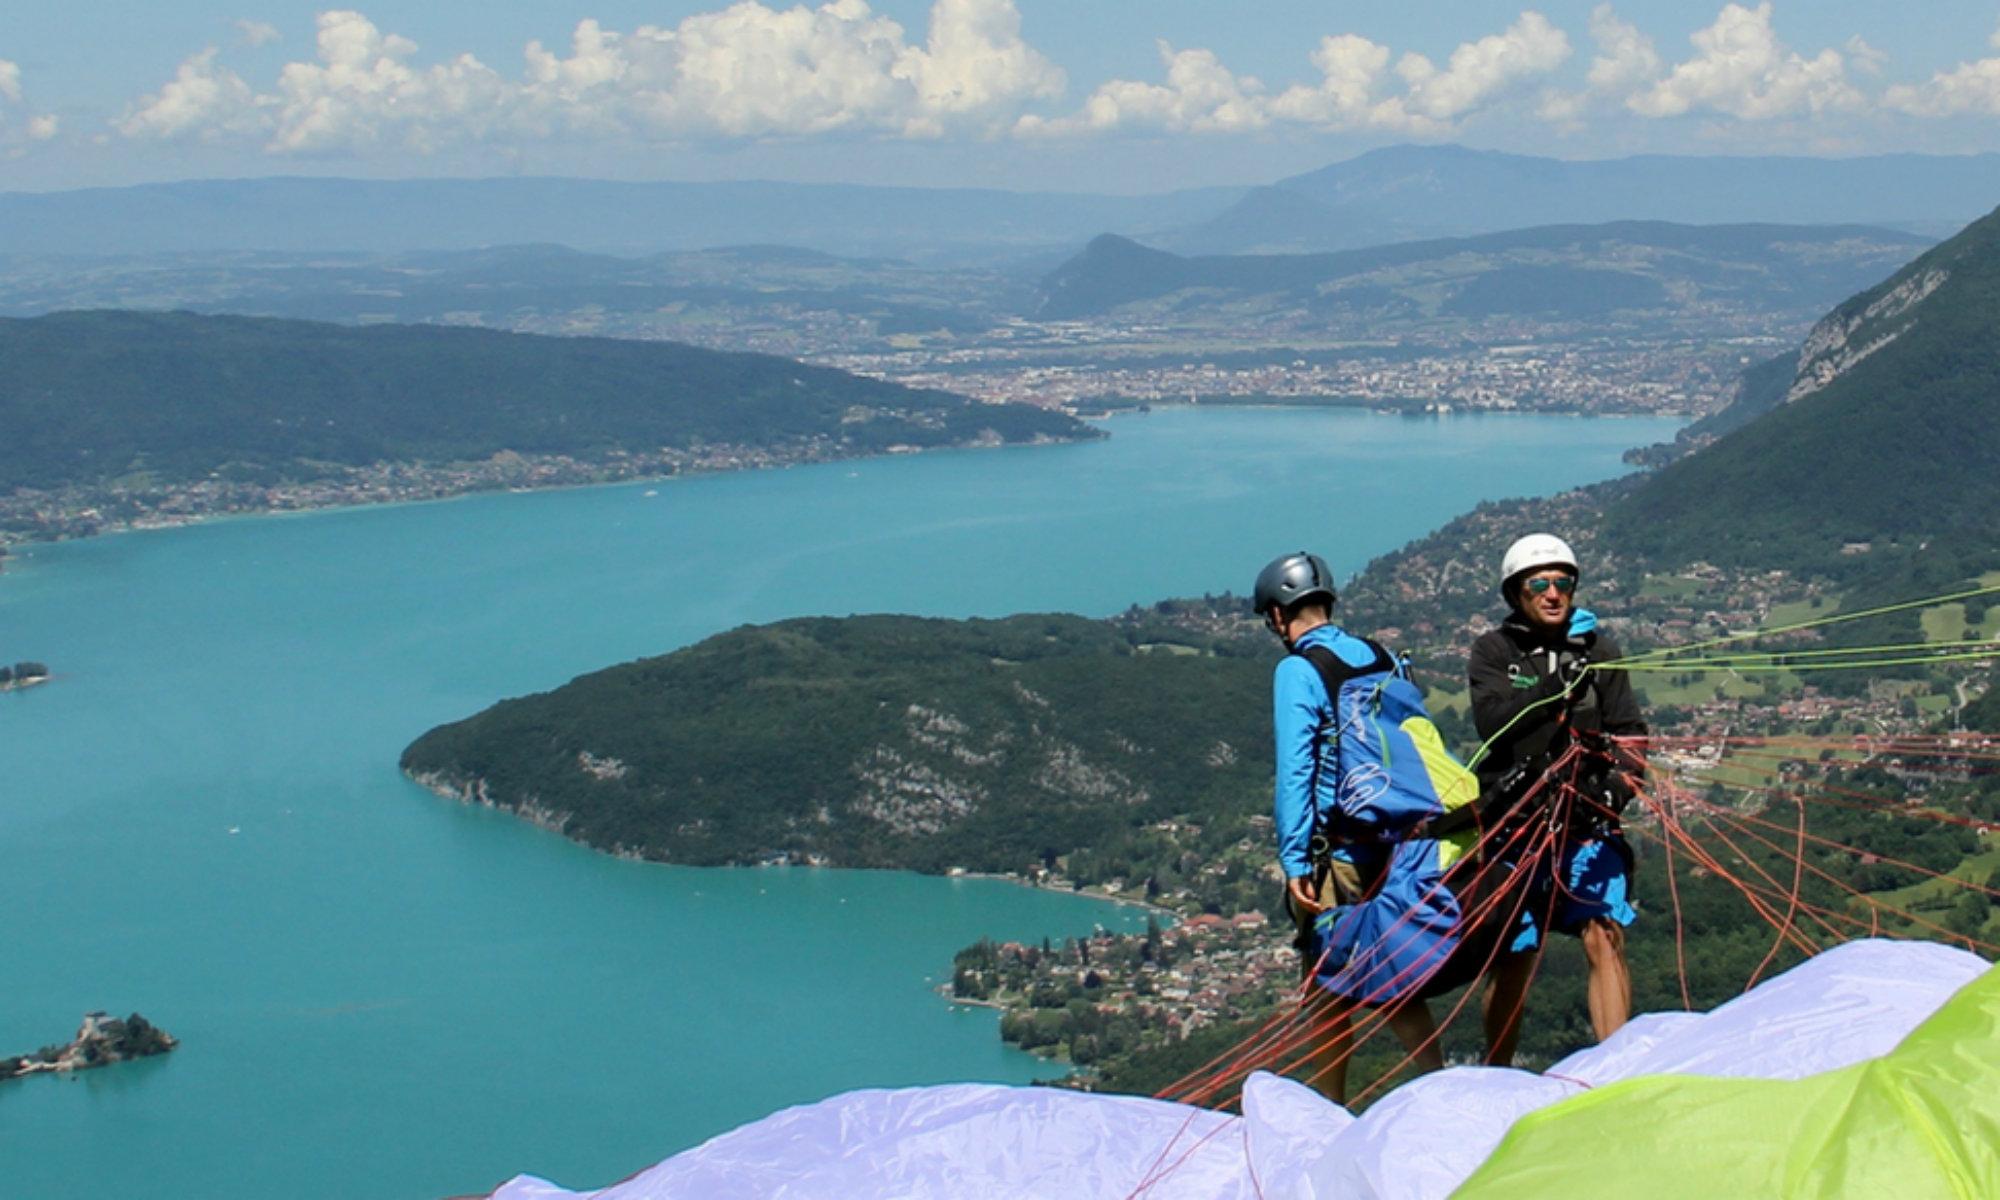 Un parapente tandem s'apprête à décoller au-dessus du lac d'Annecy.